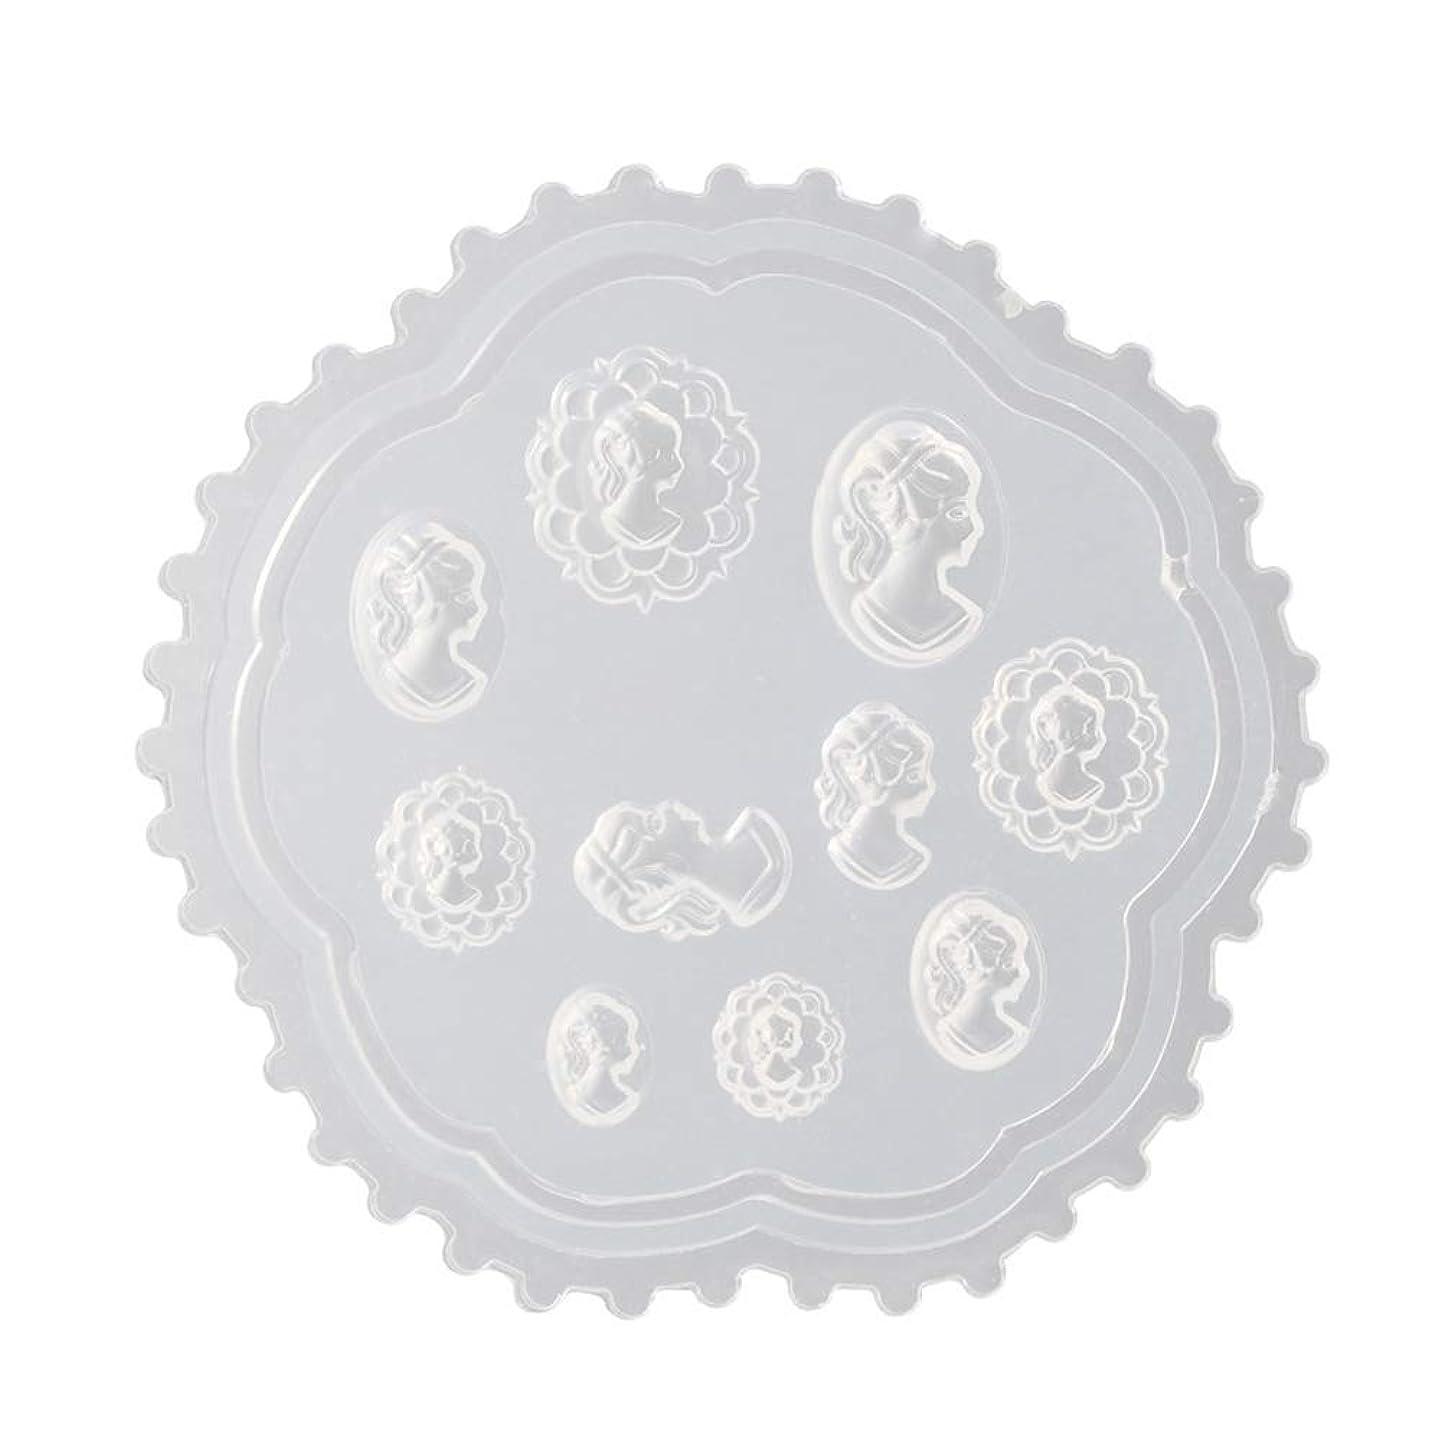 強化満足できるアウトドアAomgsd 3Dシリコンモールド ネイル 3Dネイル用 レジンモールド UVレジン ネイルパーツ ジェル ネイル セット アクセサリー パーツ 作成 葉 花 抜き型 (2)